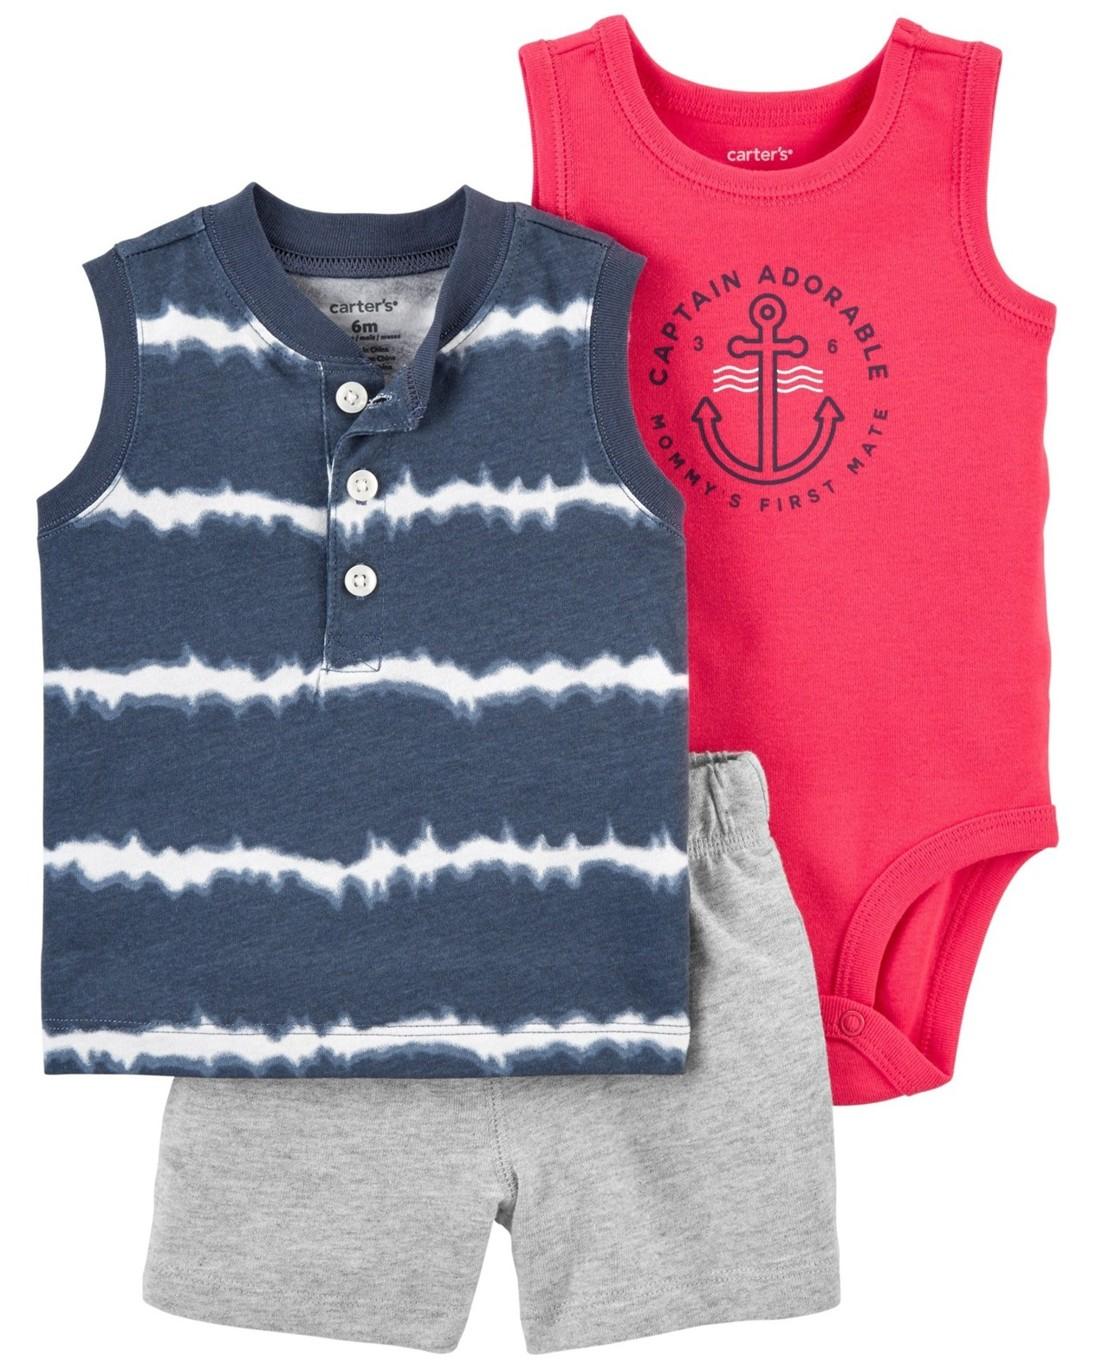 CARTER'S Set 3dielny body tielko, tričko bez rukávov, nohavice kr. Blue Tie chlapec 18 m, veľ. 86